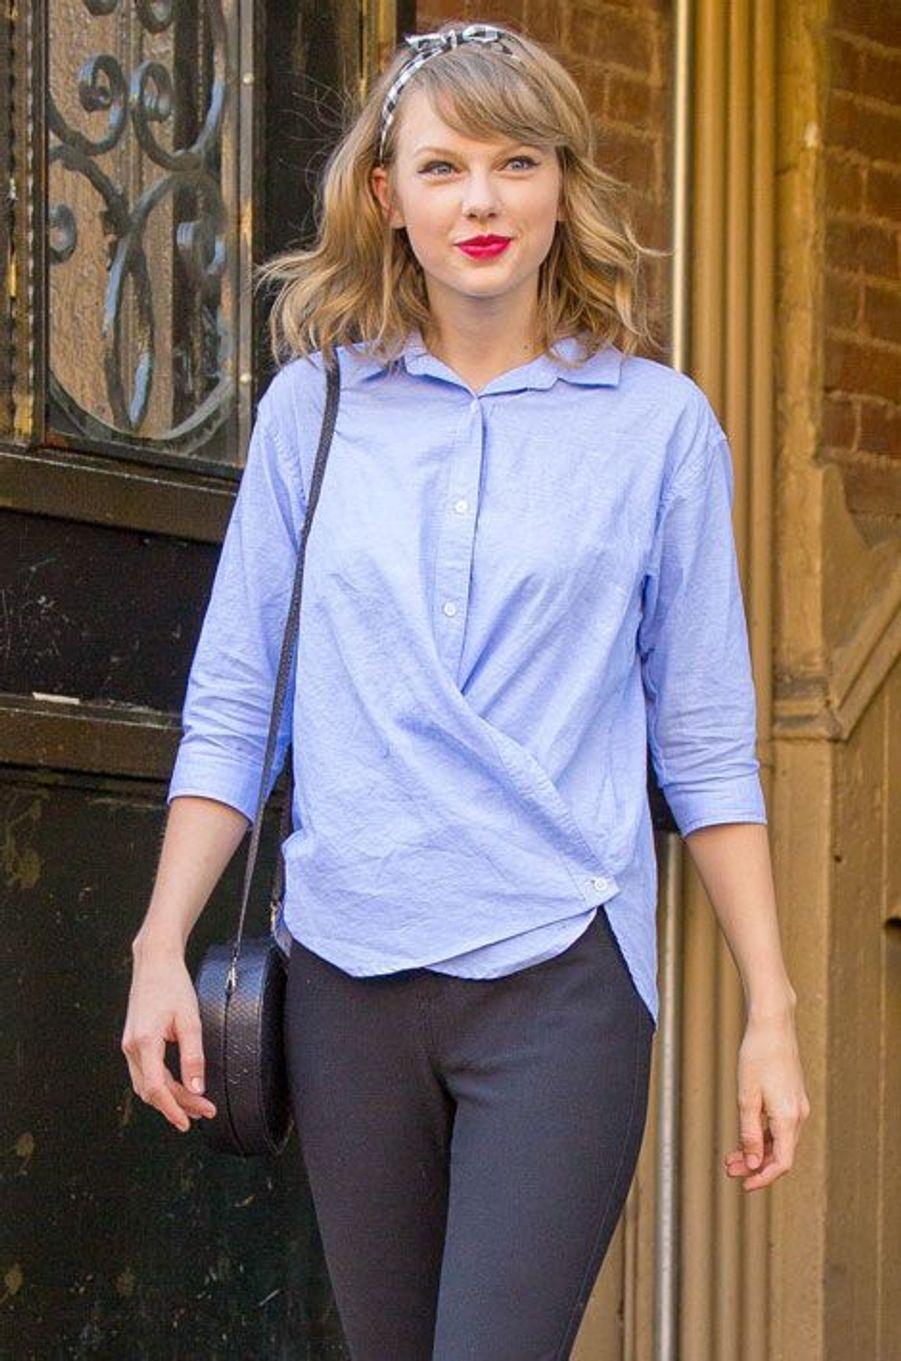 La chemise déstructurée : la chanteuse américaine Taylor Swift à New York, le 17 juin 2014